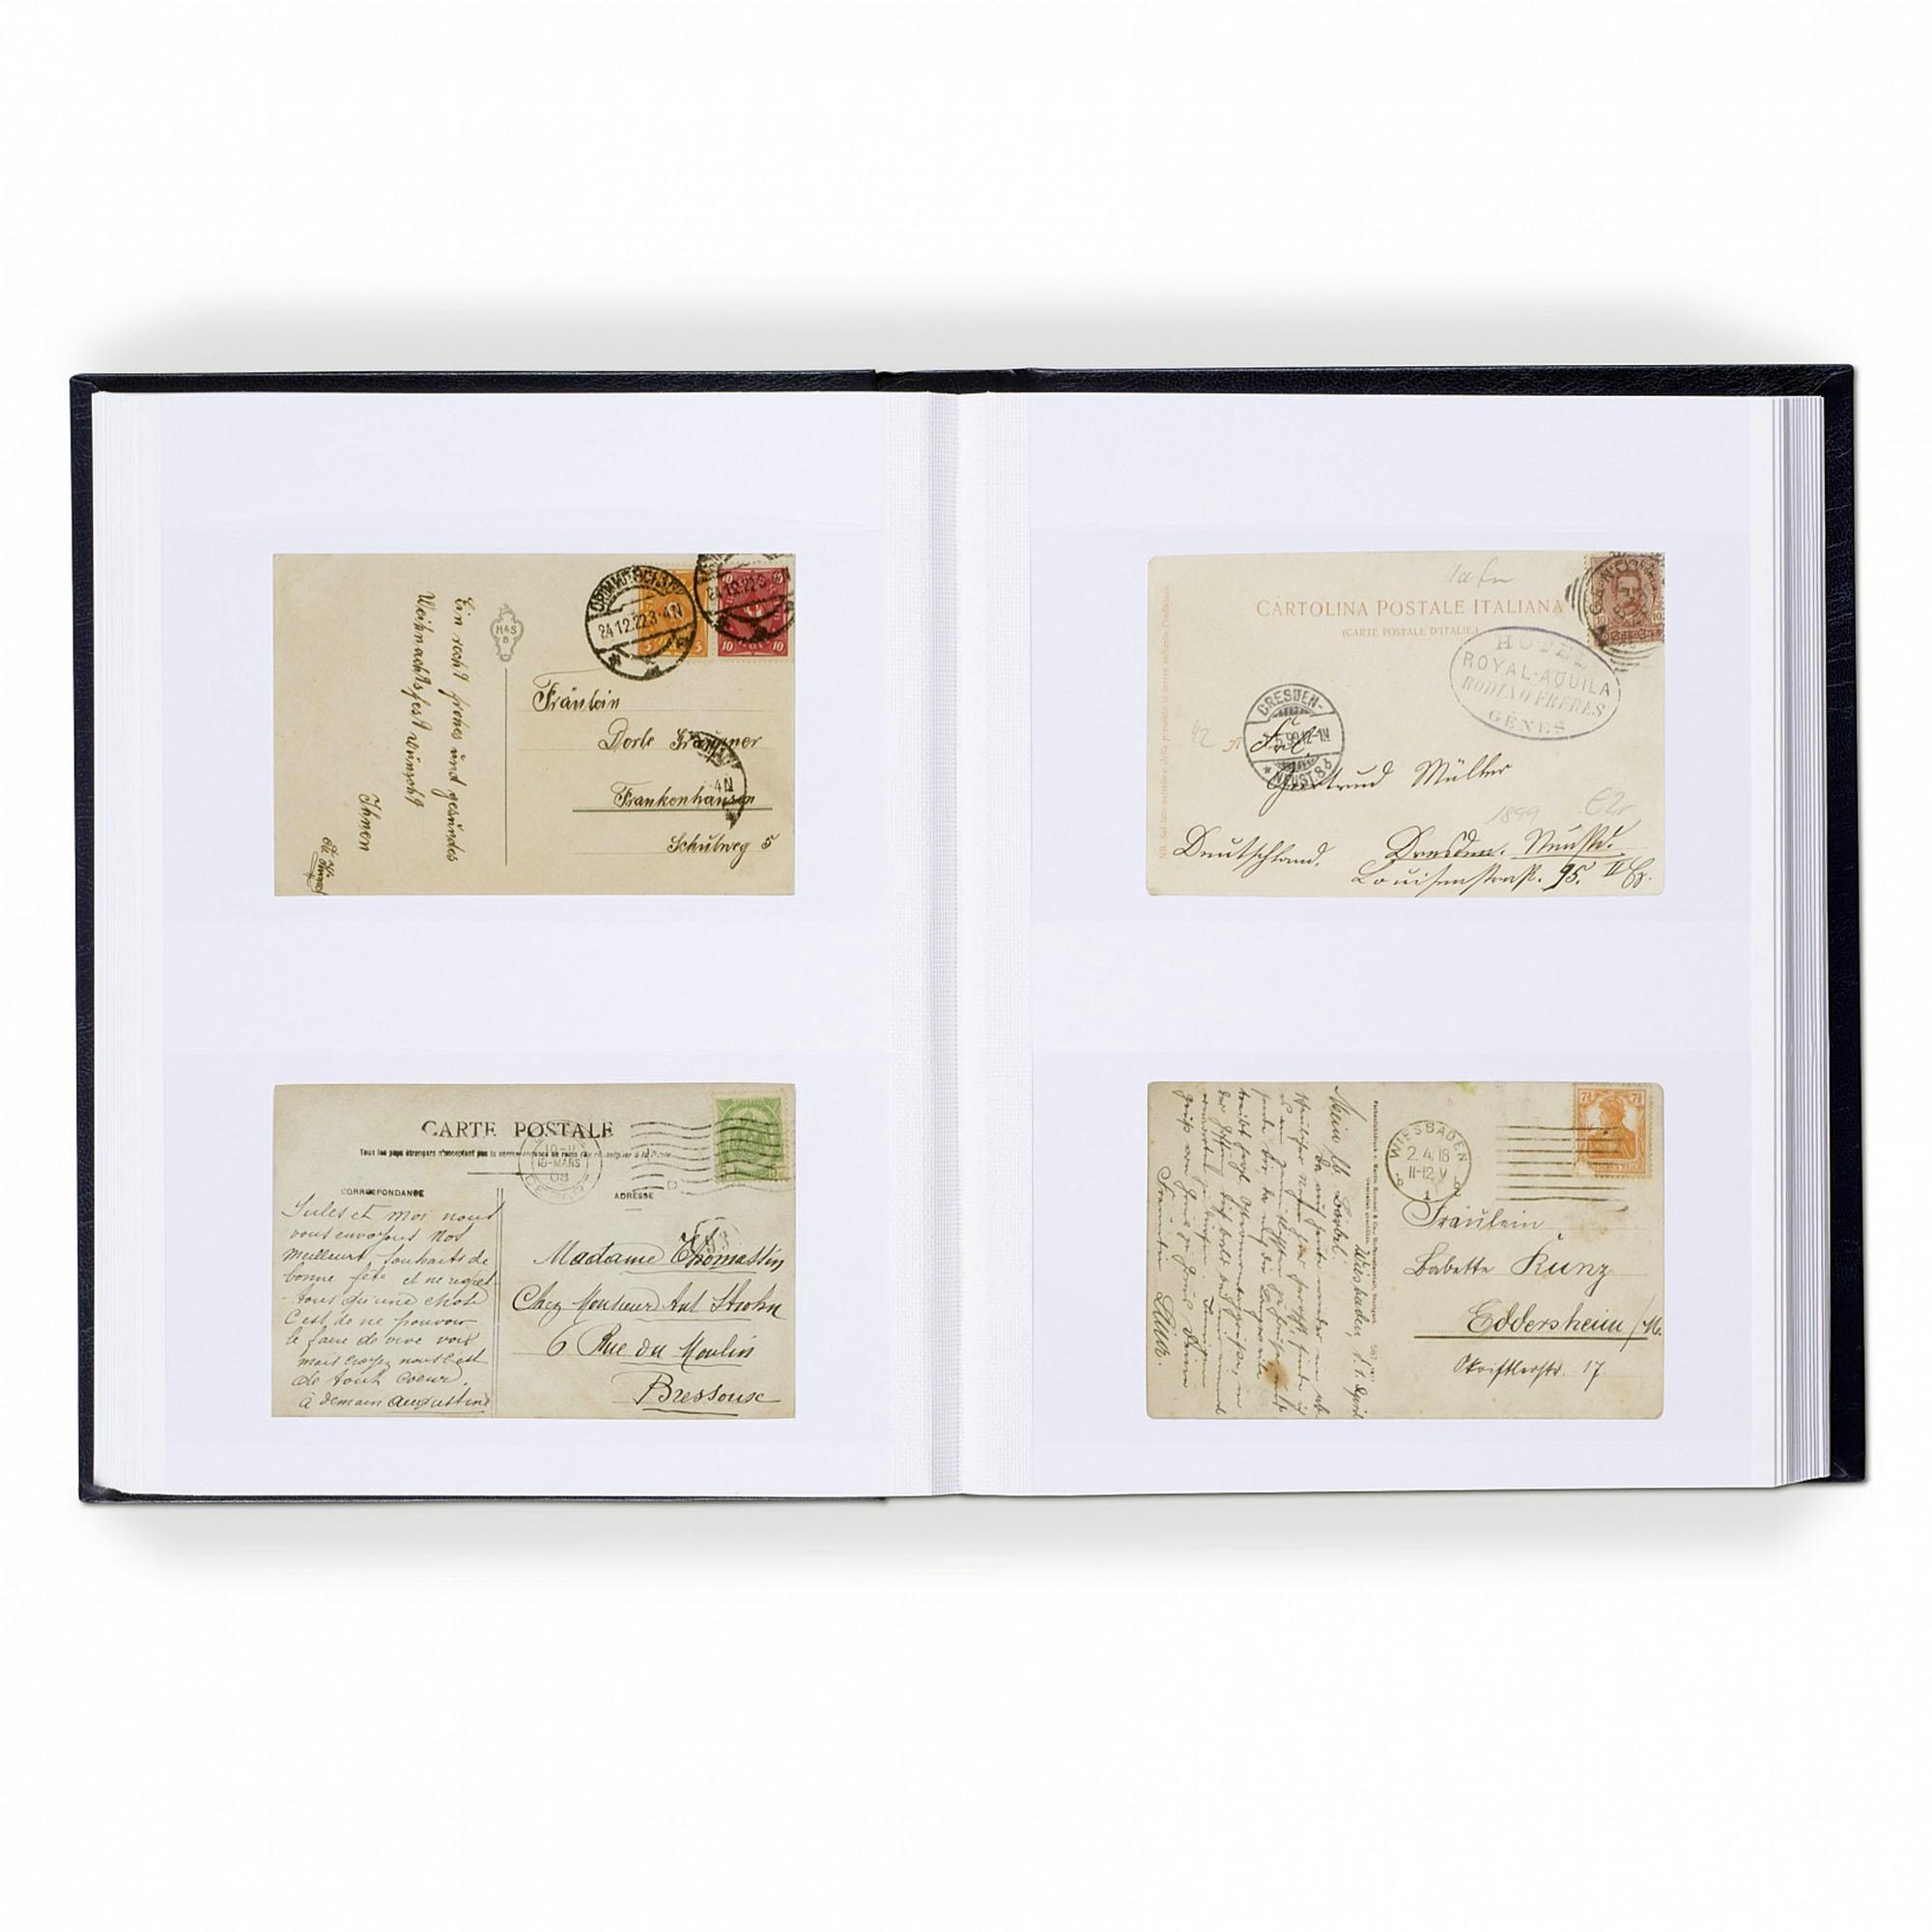 Альбом (кляссер) для 128 писем и почтовых открыток